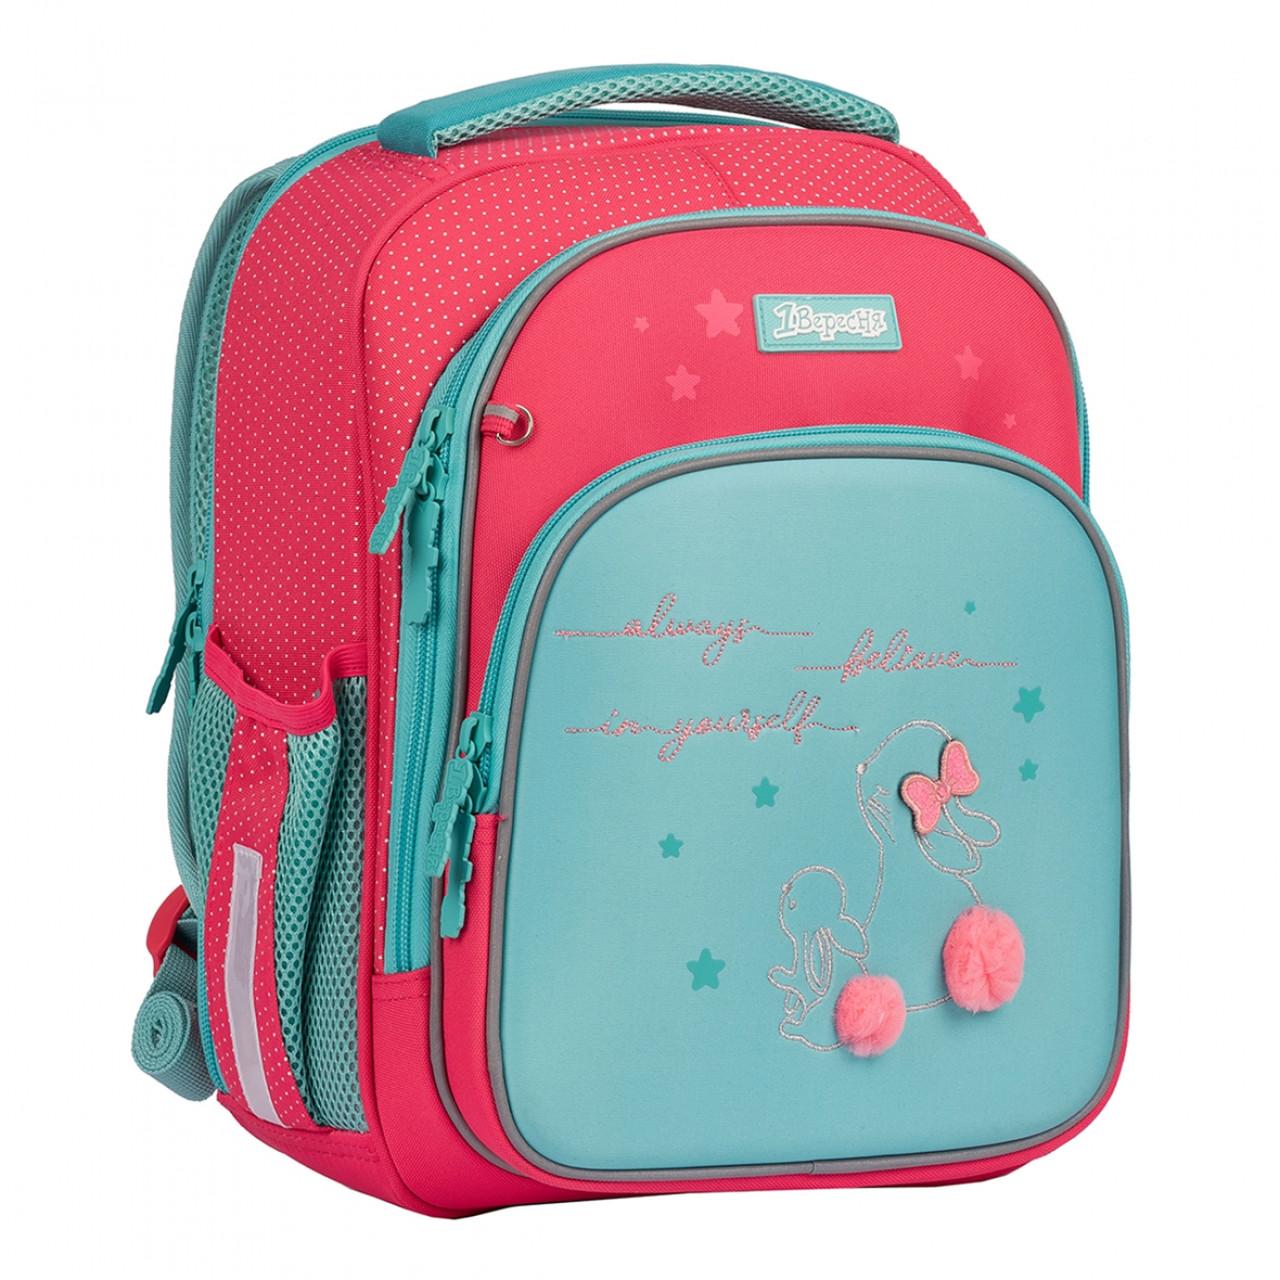 Рюкзак шкільний 1Вересня S-106 Bunny Рожевий/бірюзовий (551653)